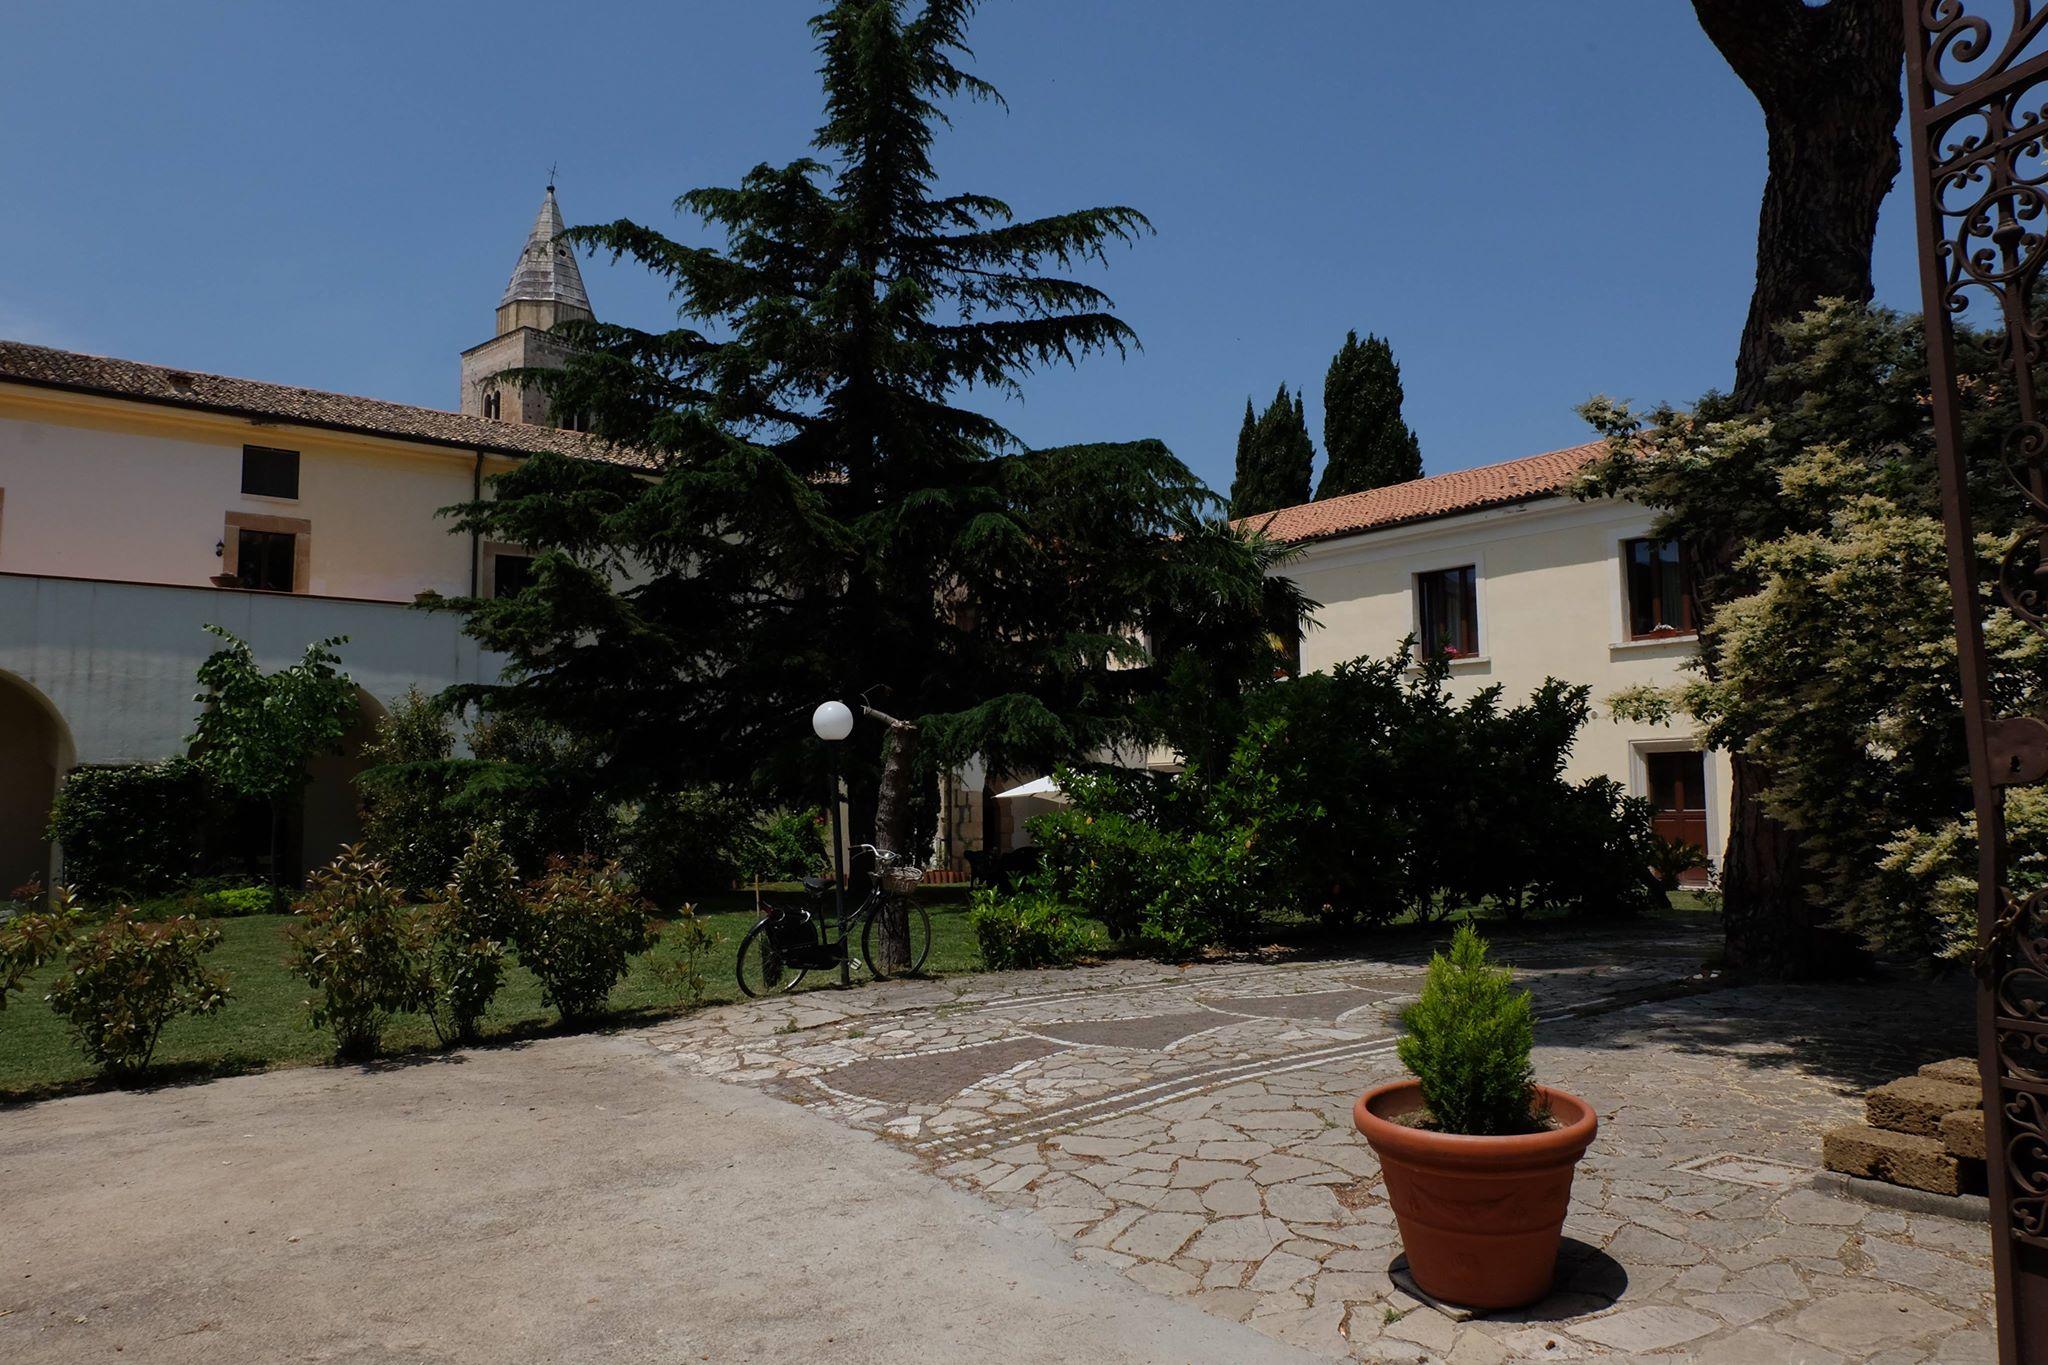 galleria foto struttura hostel il tetto melfi ostello dormire soggiorno vacanze basilicata7